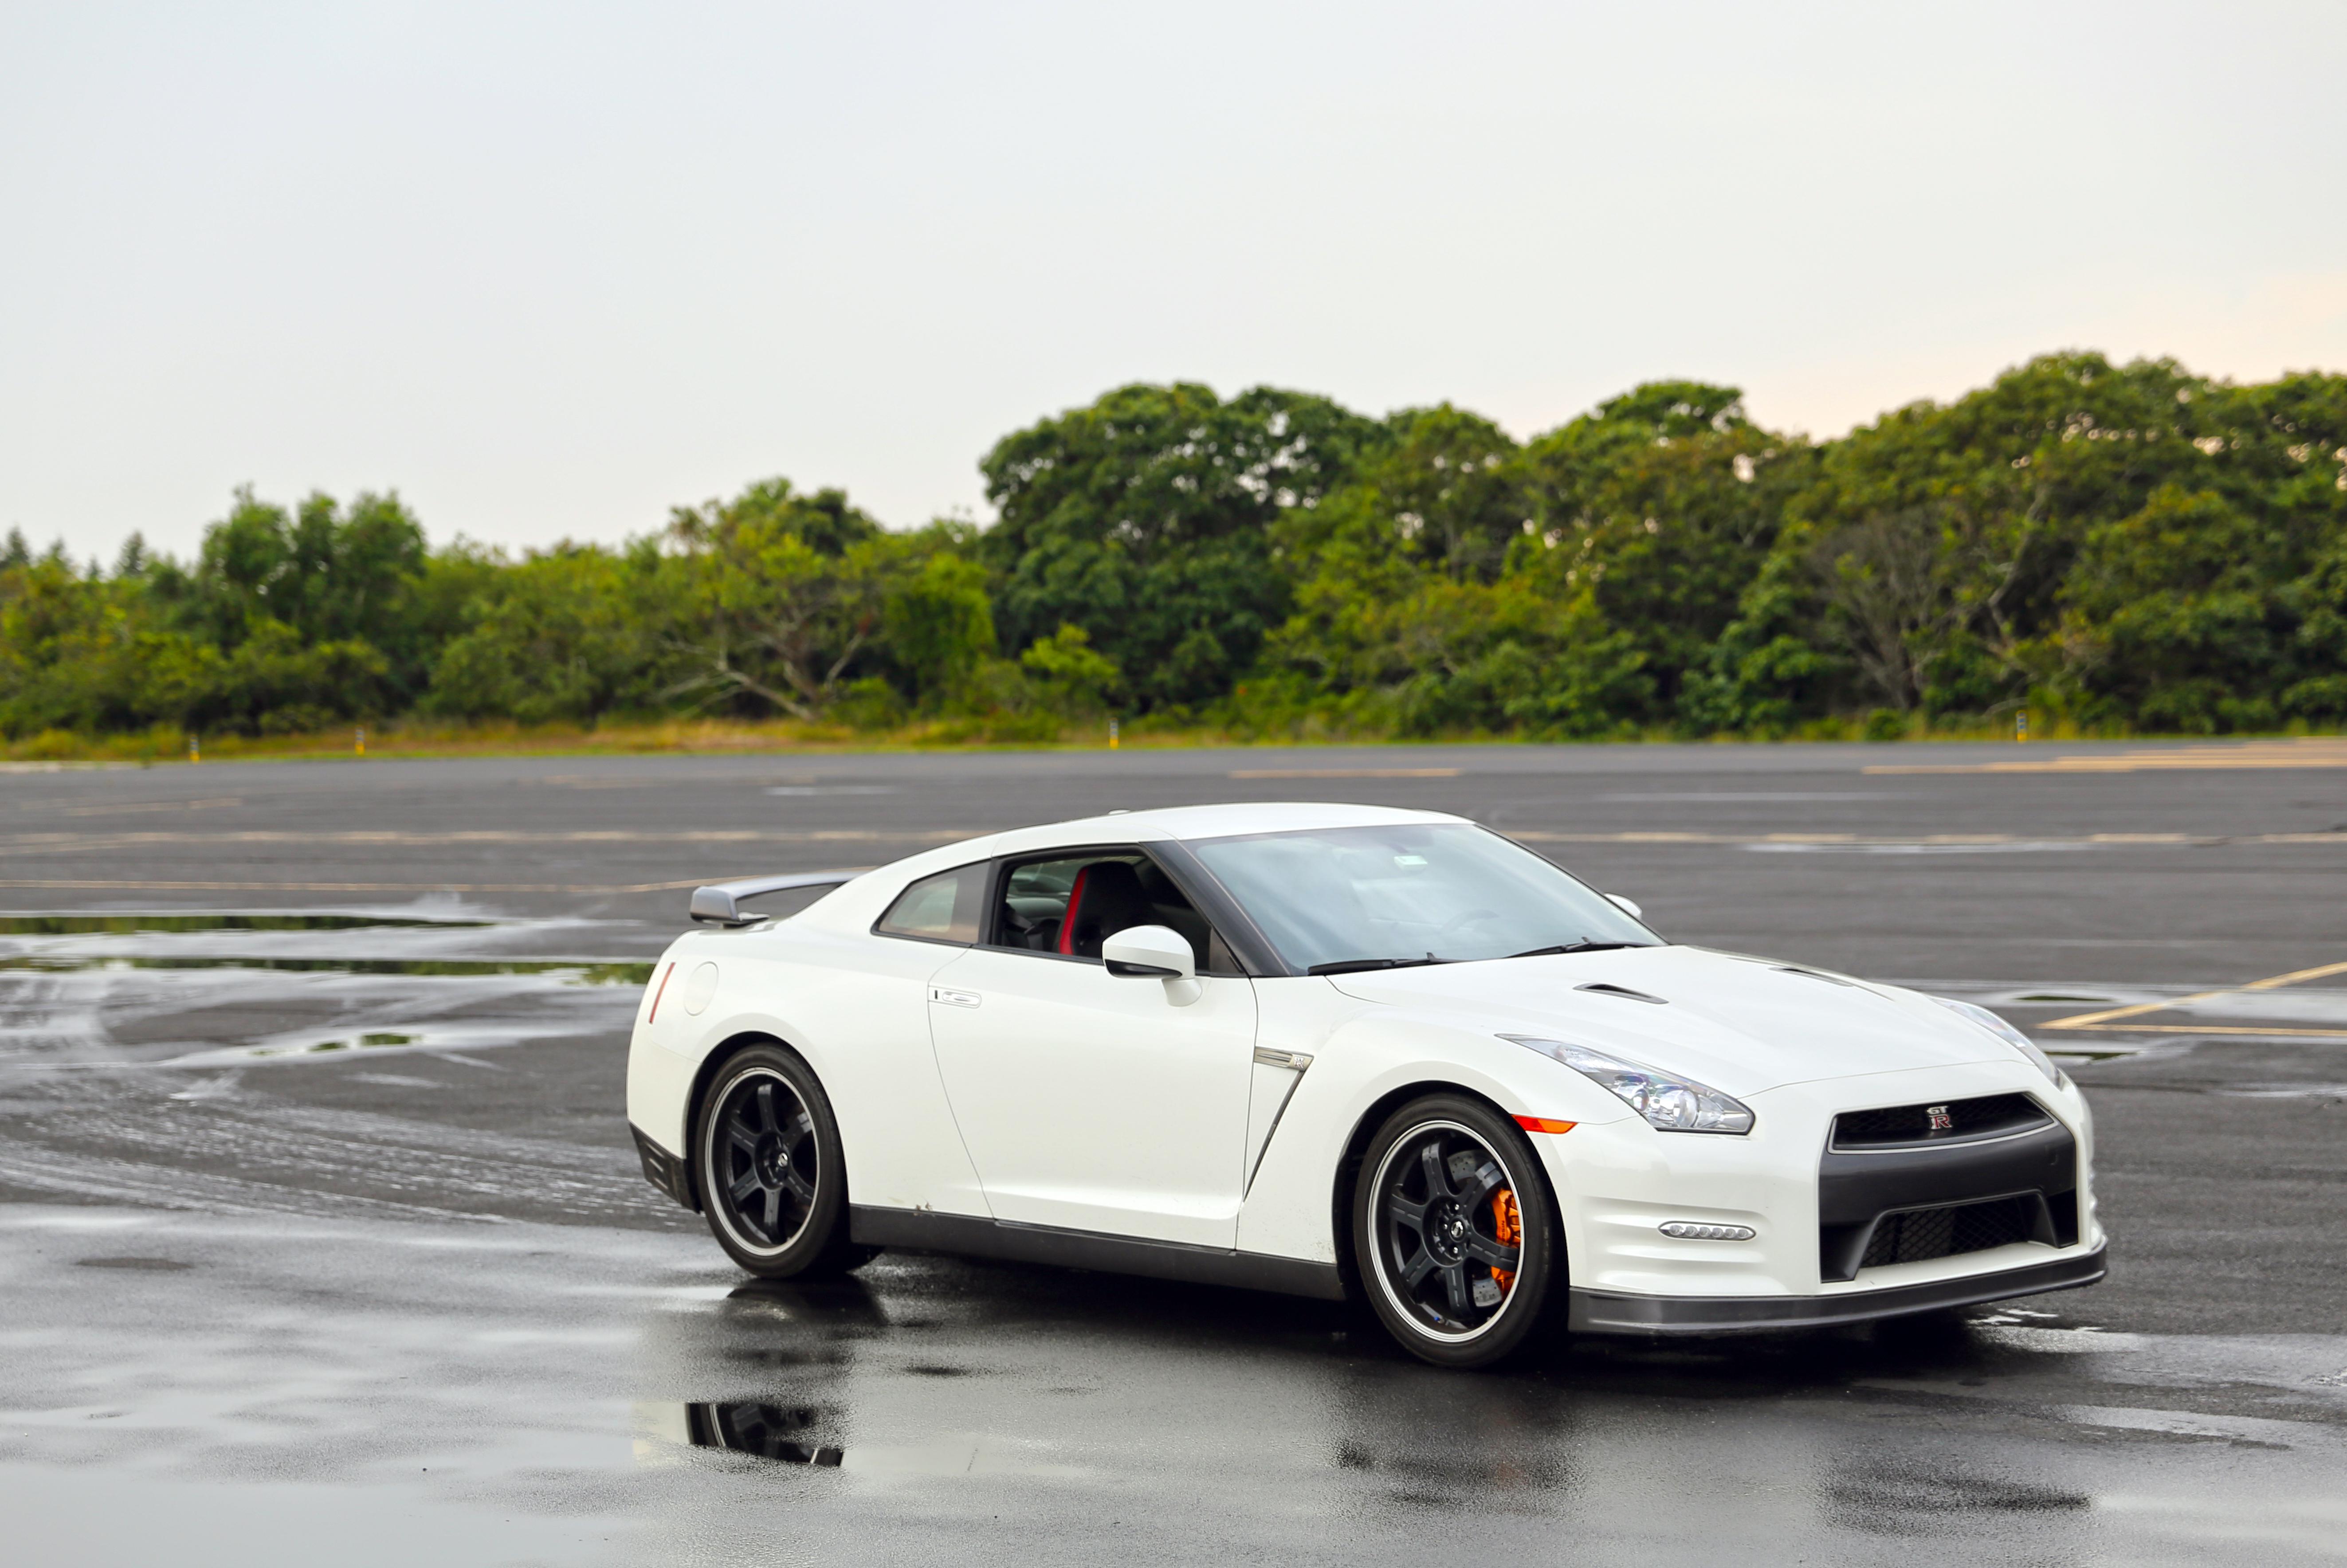 File:Nissan GT-R 20090531 rear.JPG